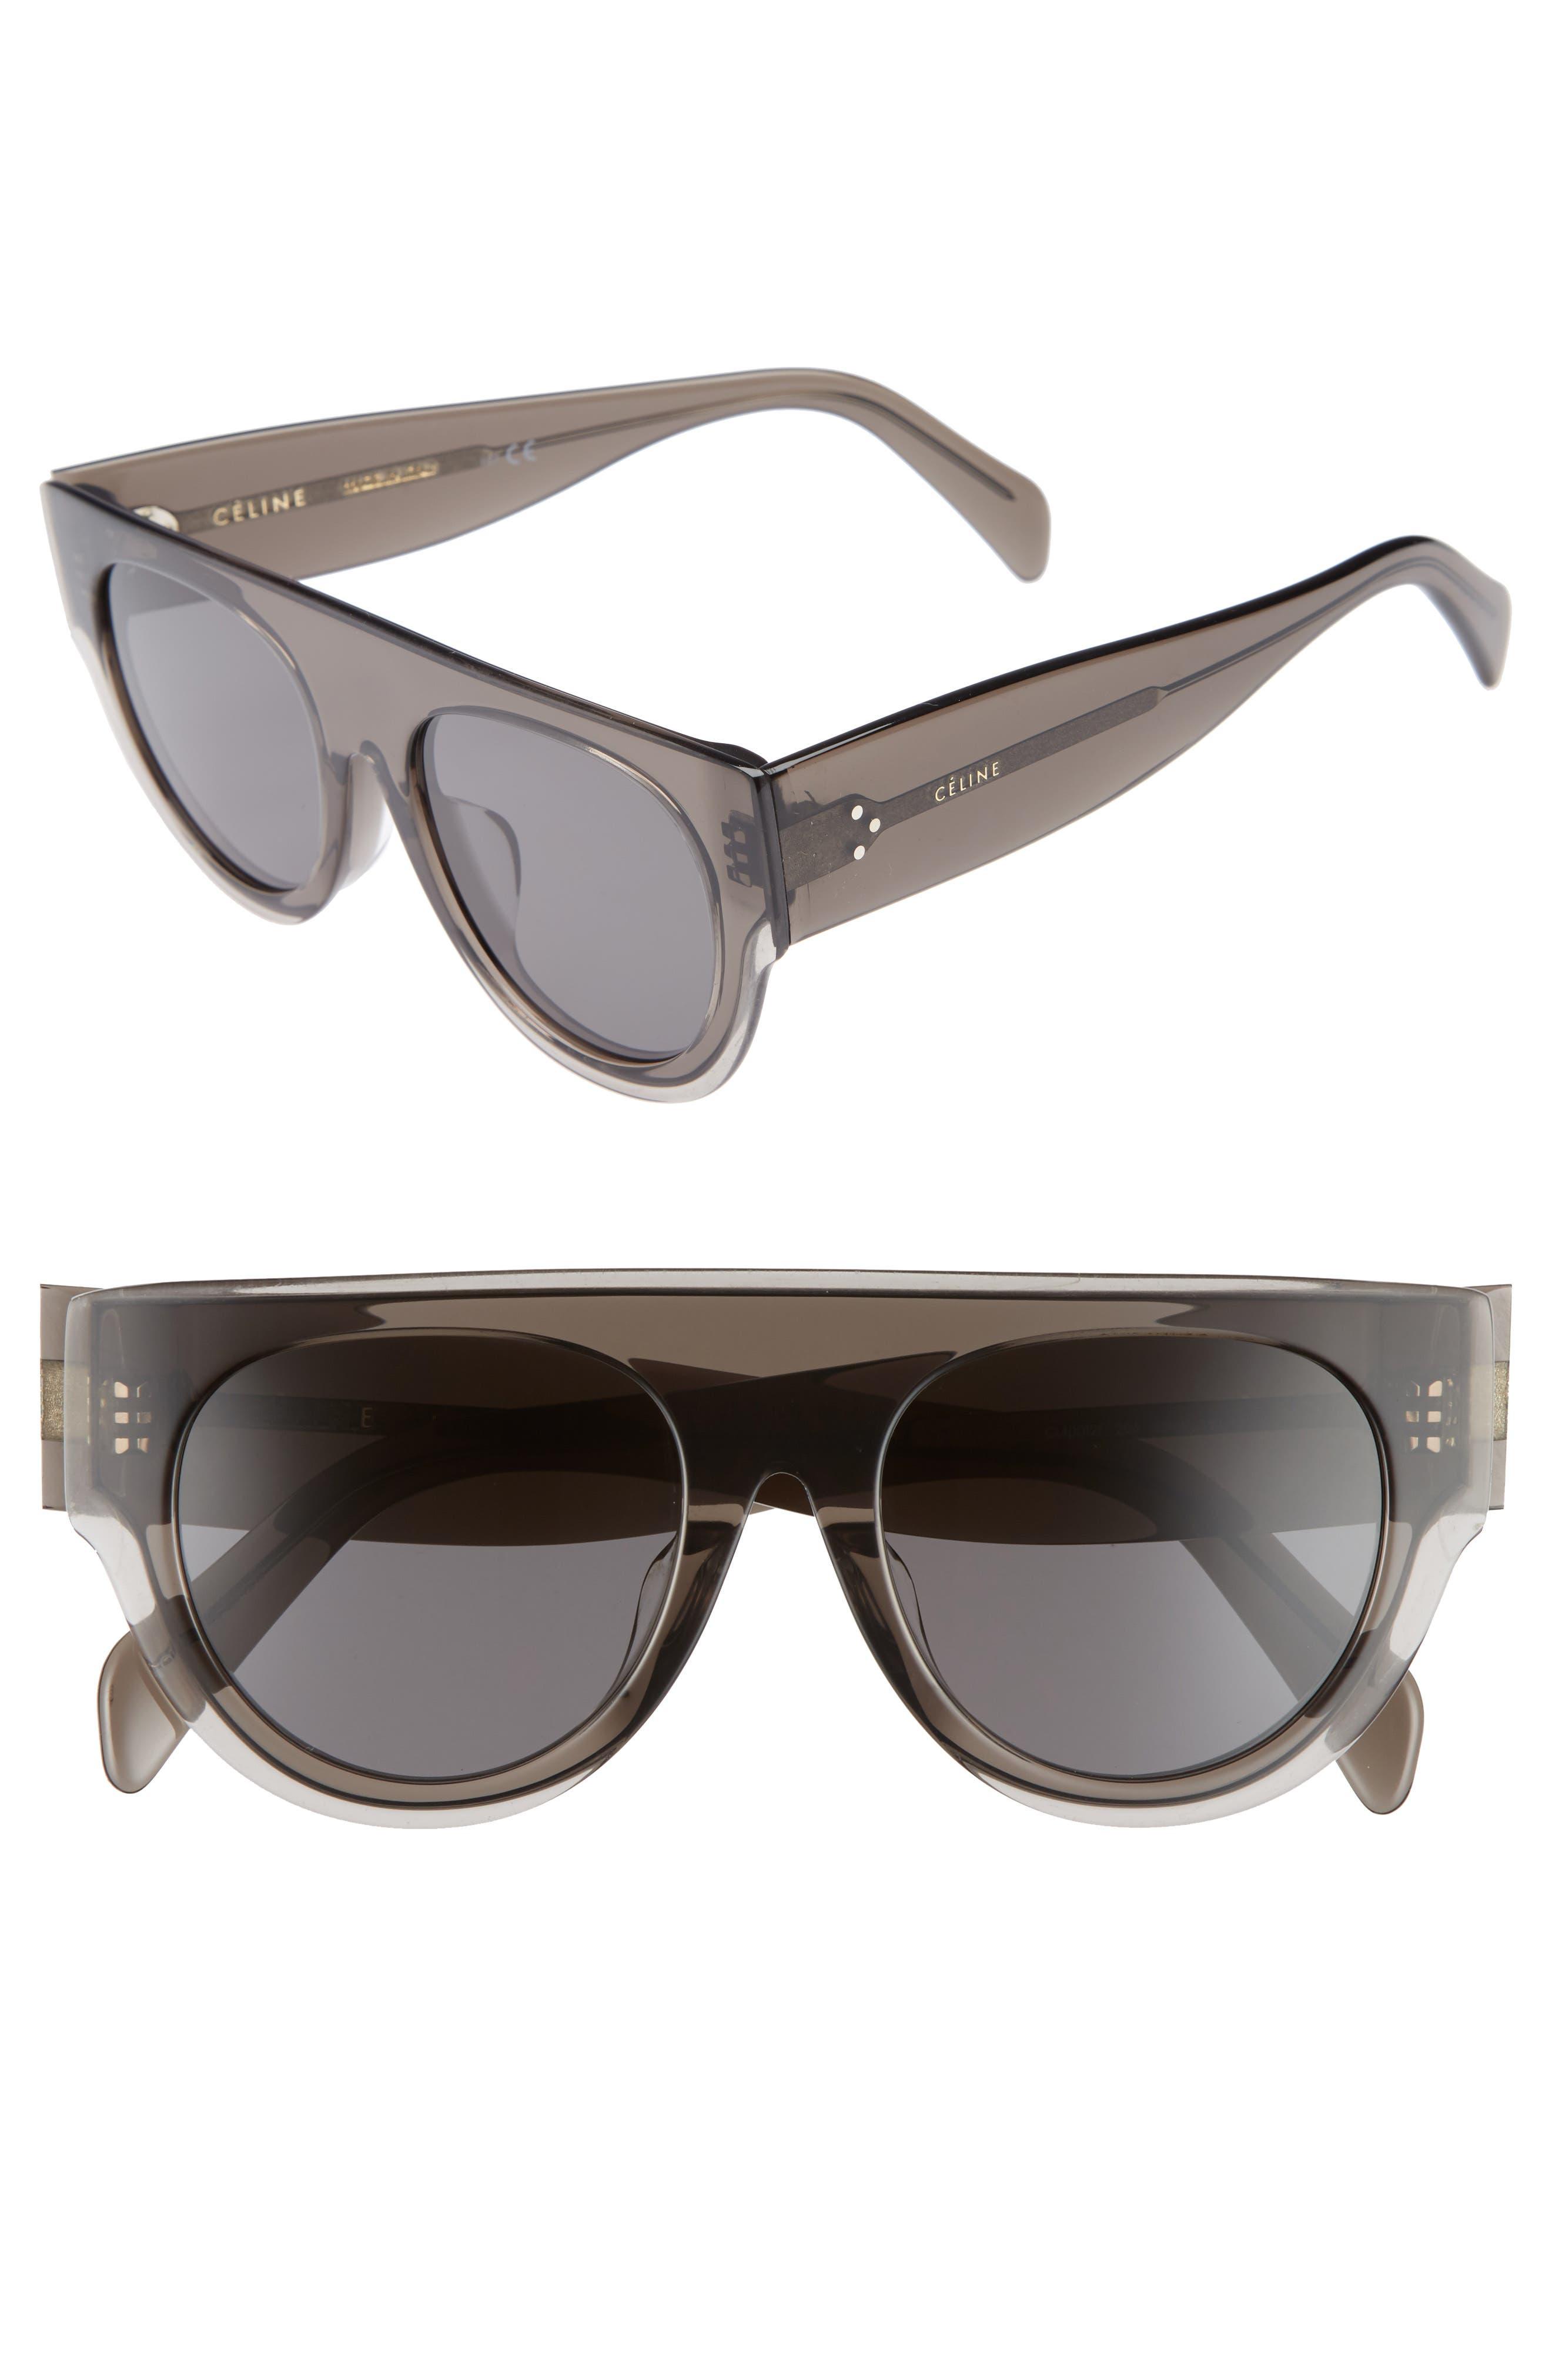 52mm Pilot Sunglasses,                         Main,                         color, 026